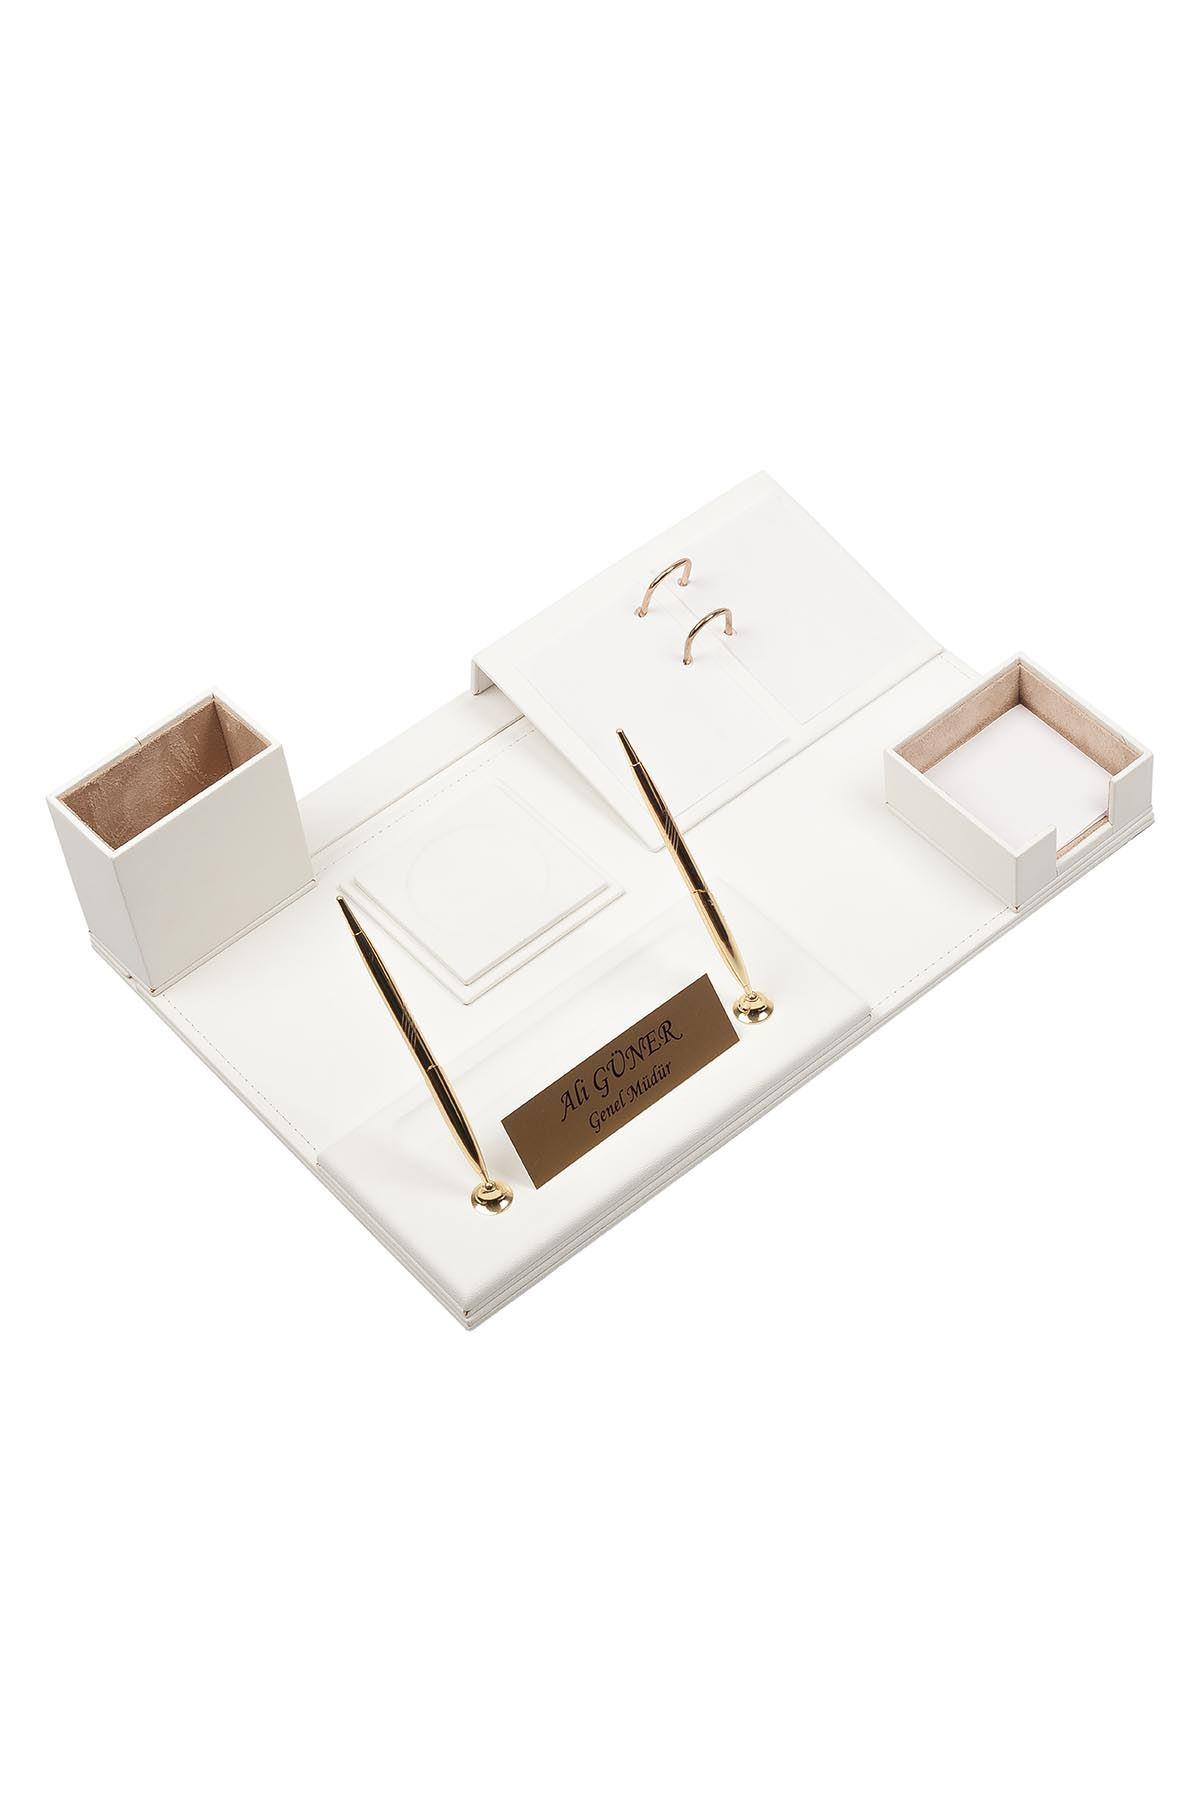 Leather Desk Set 8 Accessories White